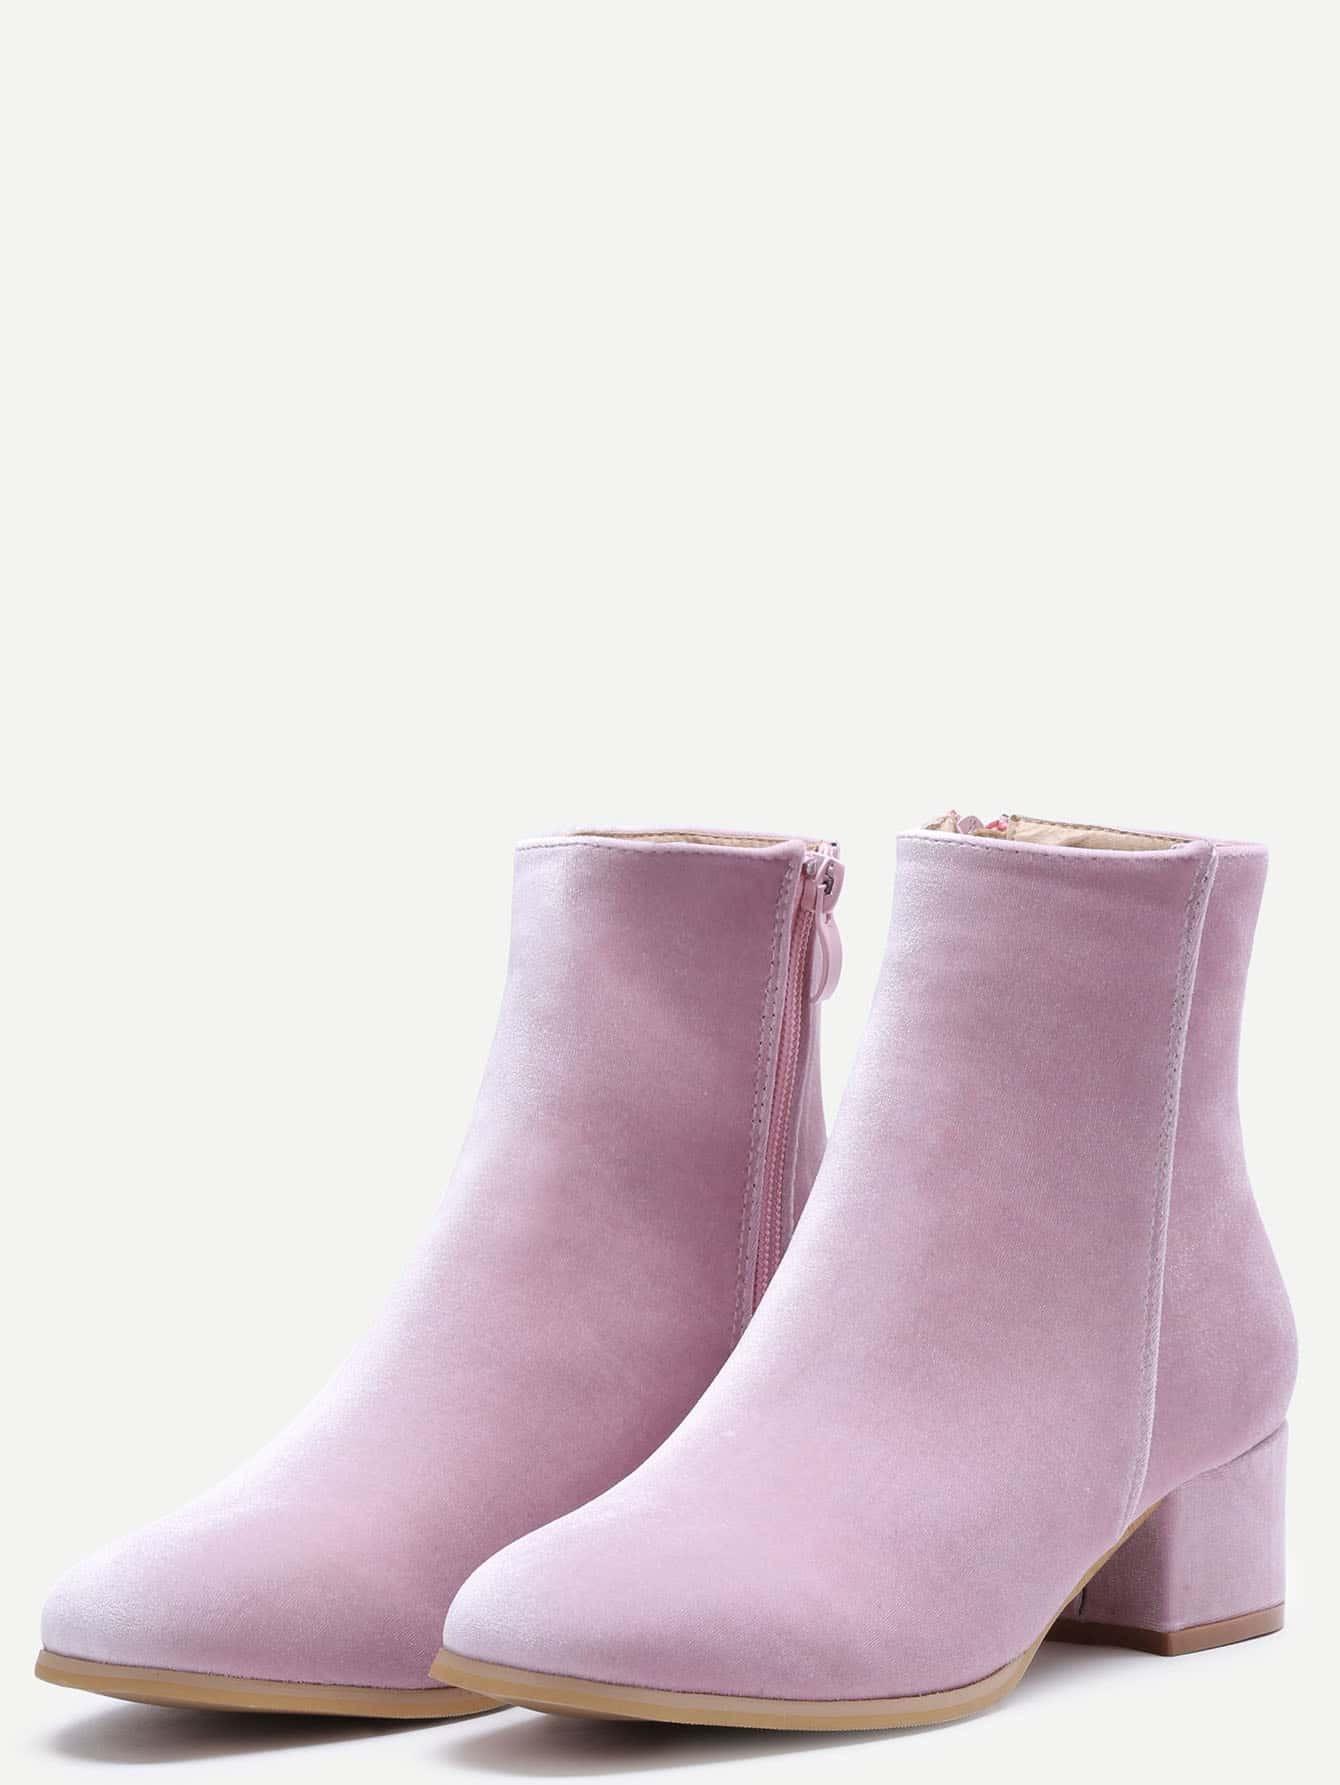 shoes161111809_2